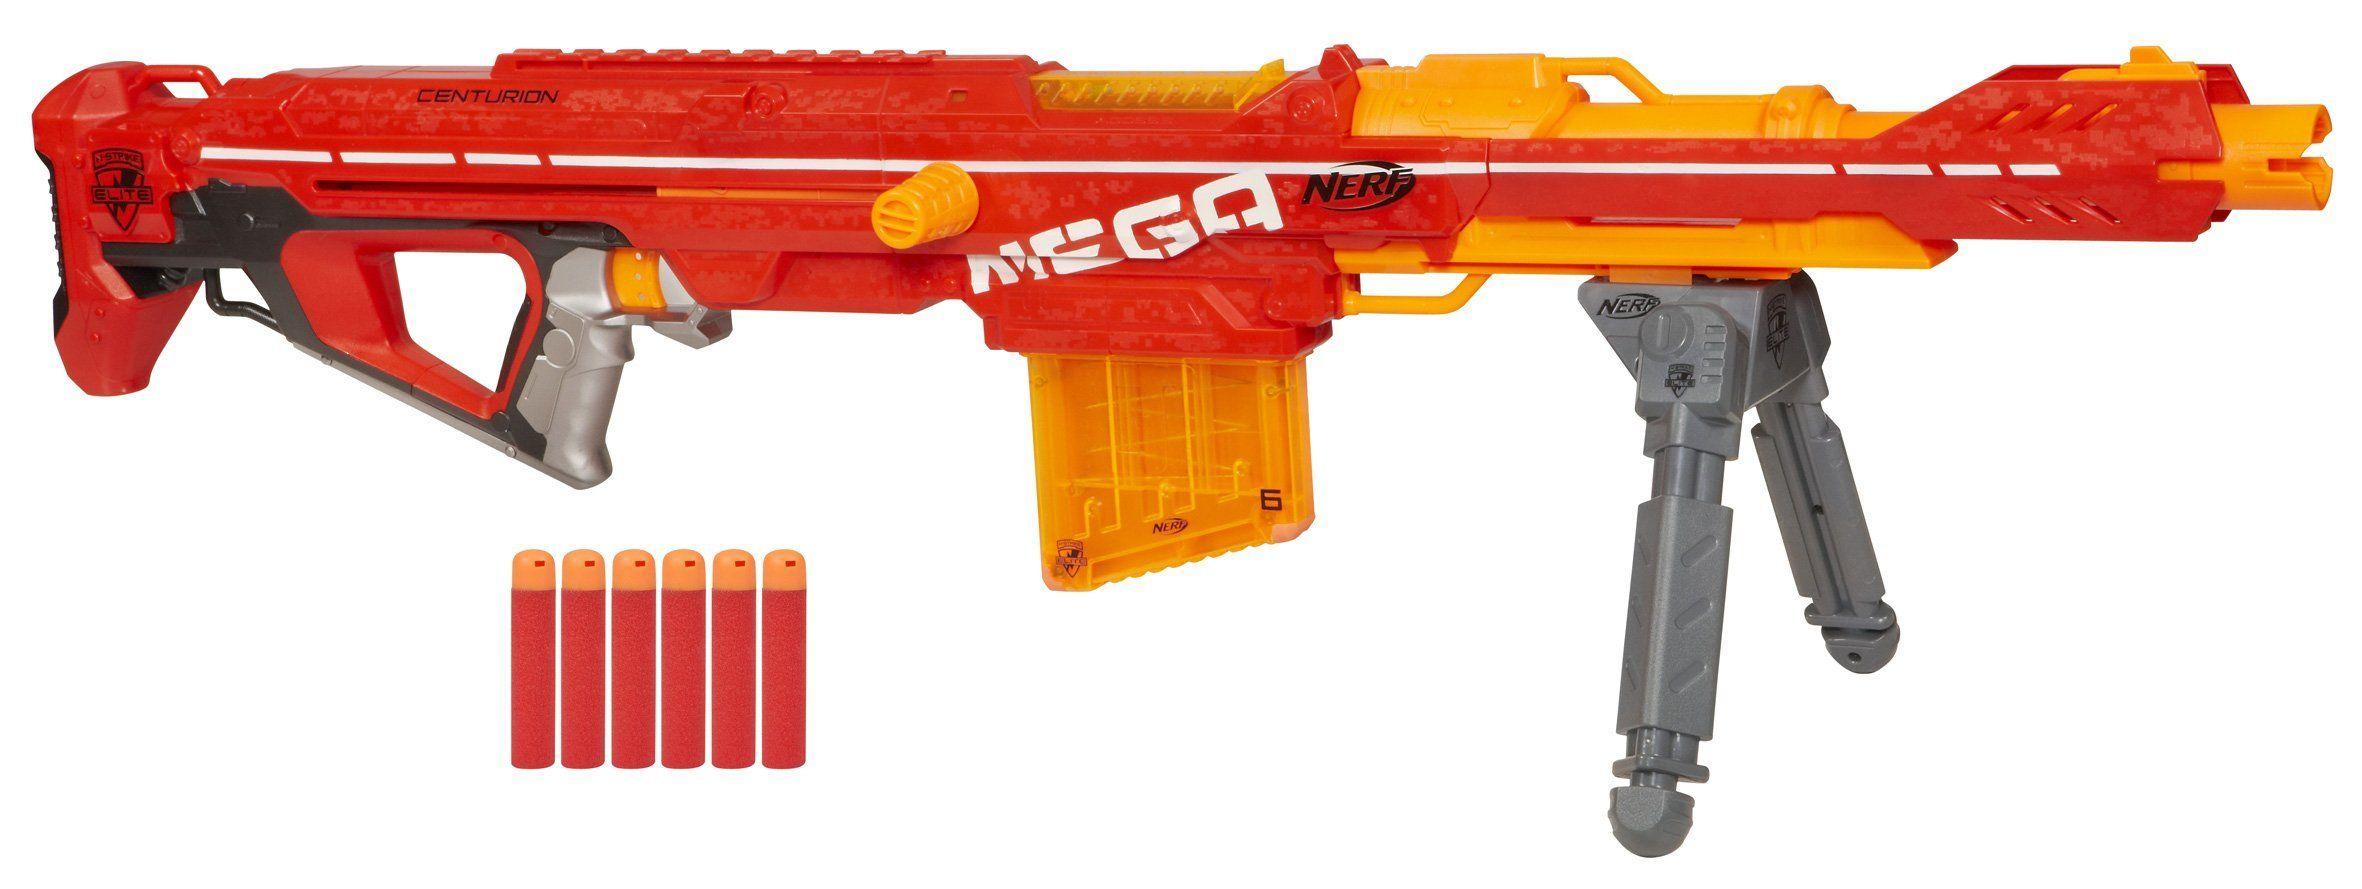 NERF N Strike Mega Centurion Blaster · NerfSportsGunsOutdoor